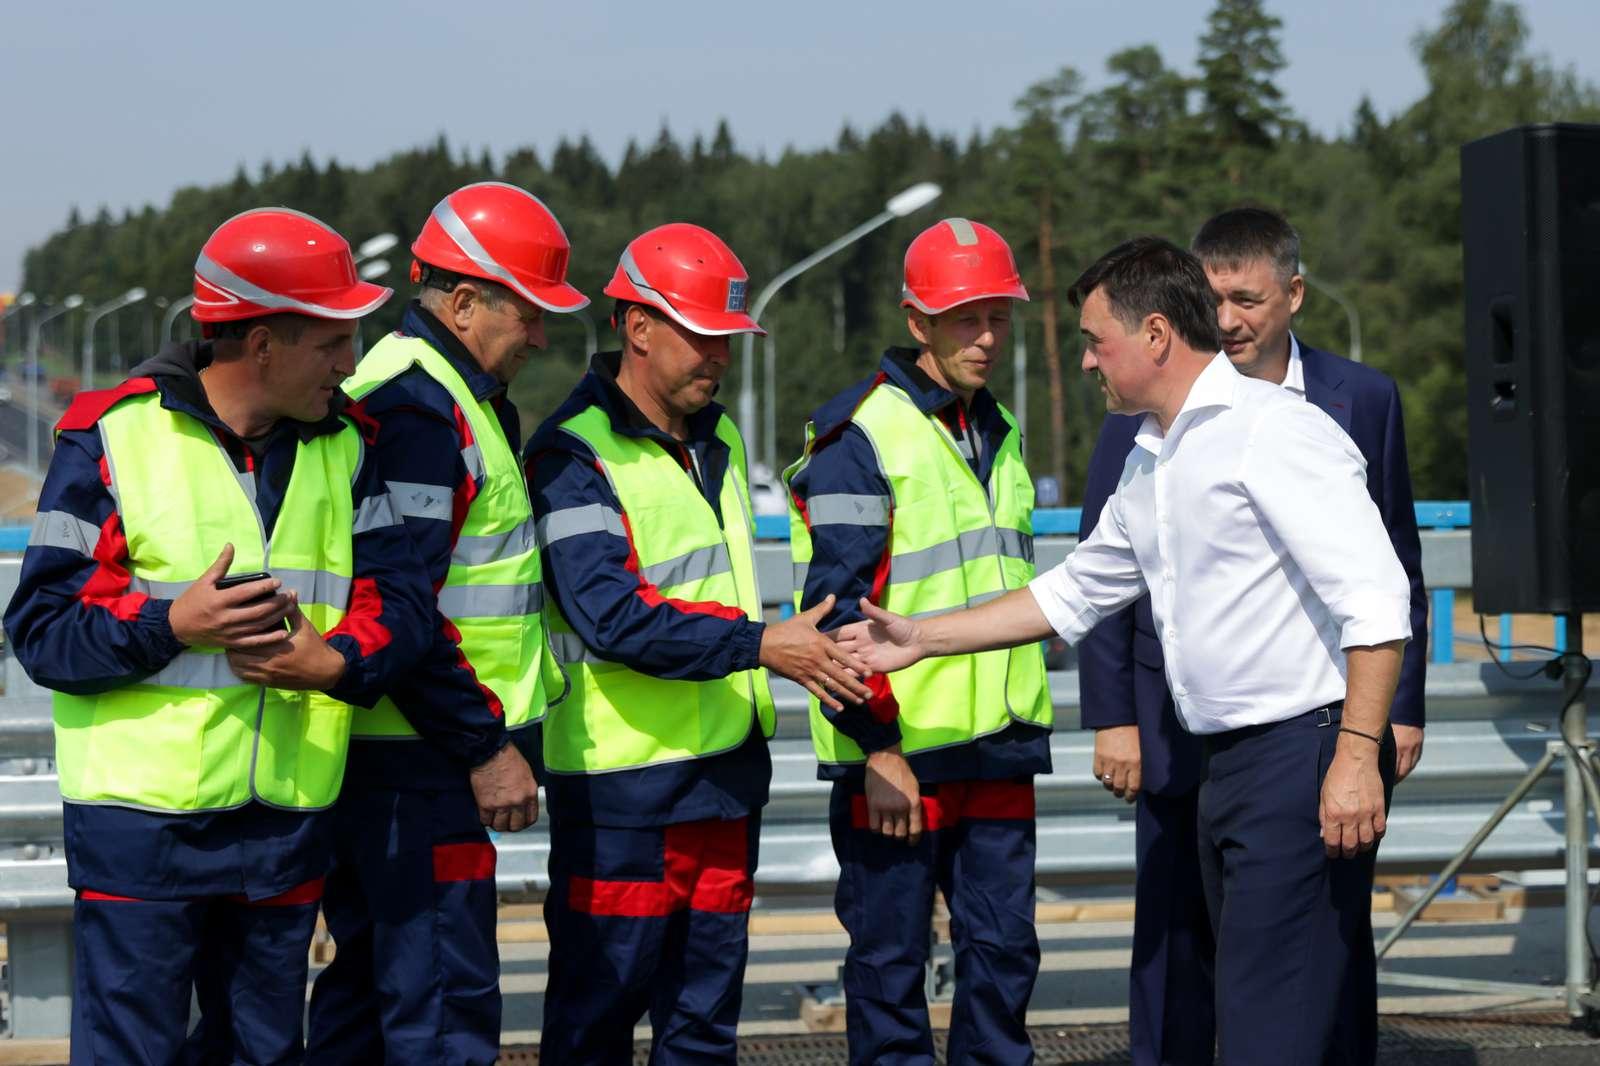 Без пробок и светофоров. Новую развязку перед индустриальным парком «Есипово» открыли в Солнечногорске | Изображение 1